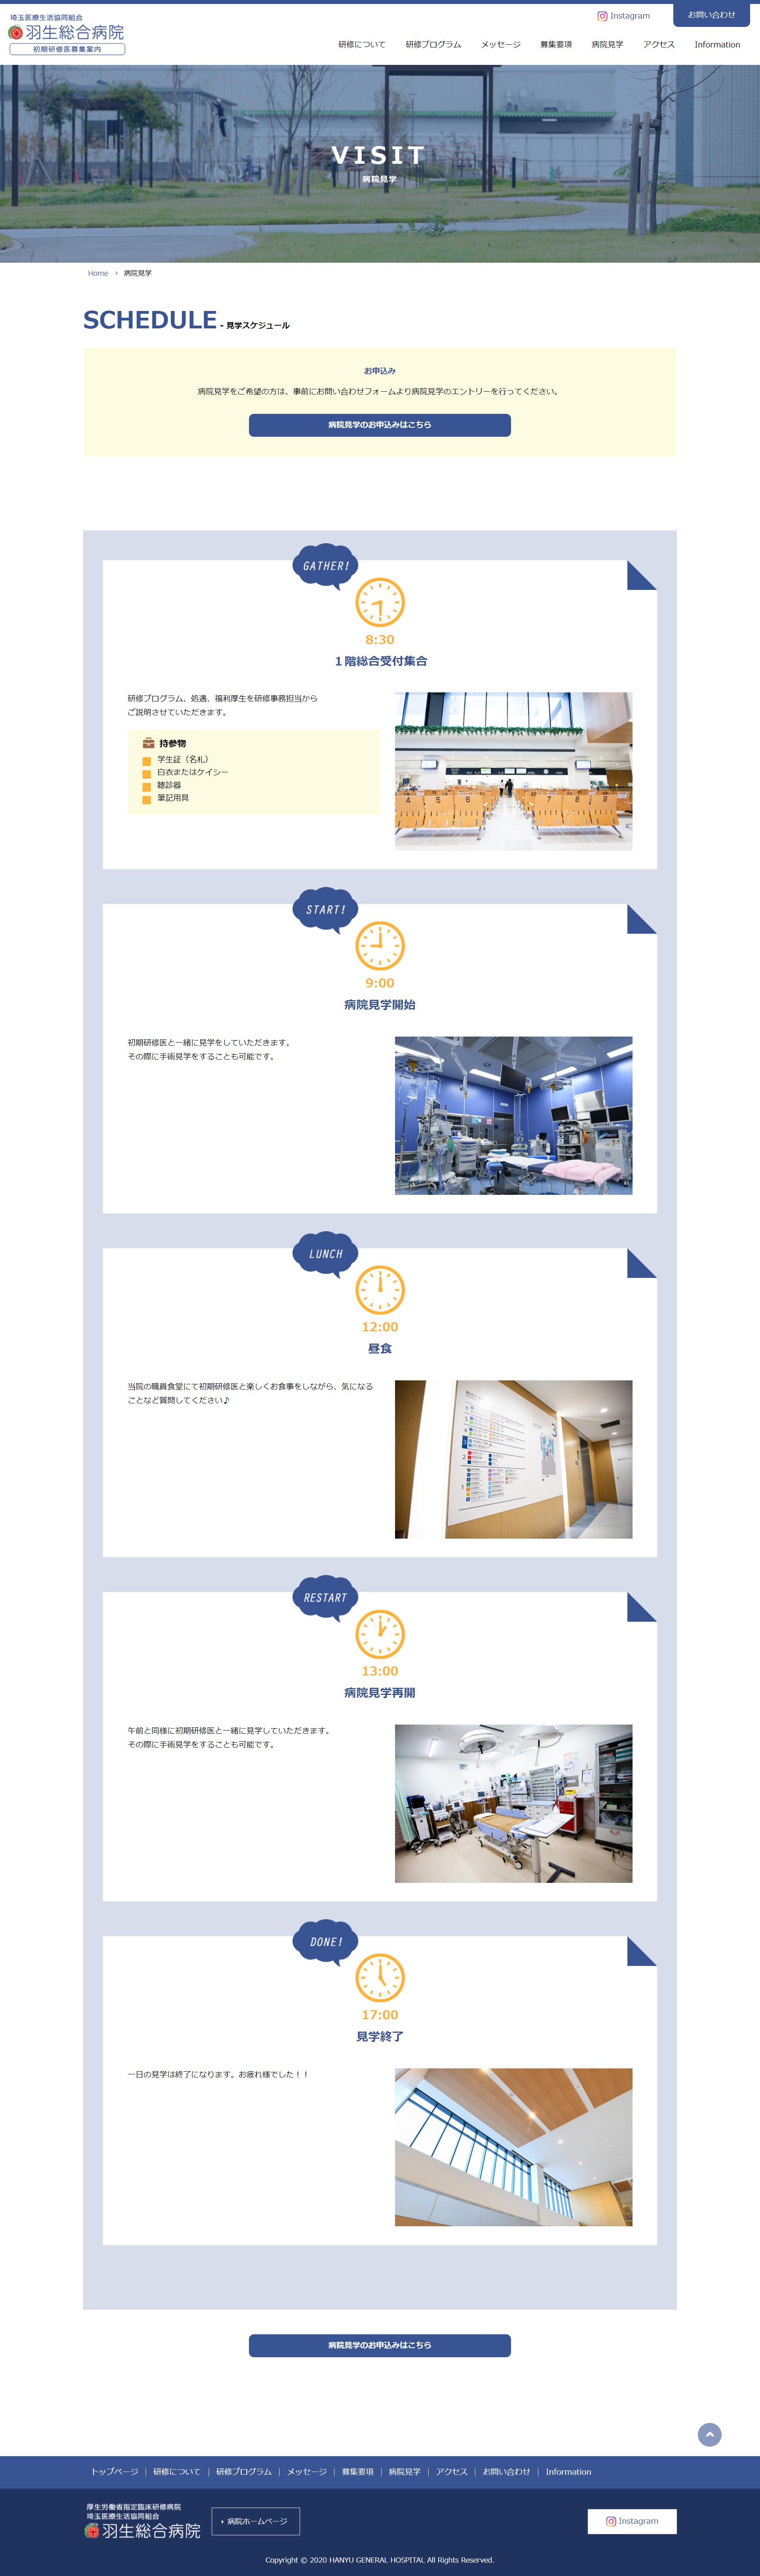 2020年11月作成「埼玉医療生活協同組合 羽生総合病院」初期研修医募集サイト_サブ画像